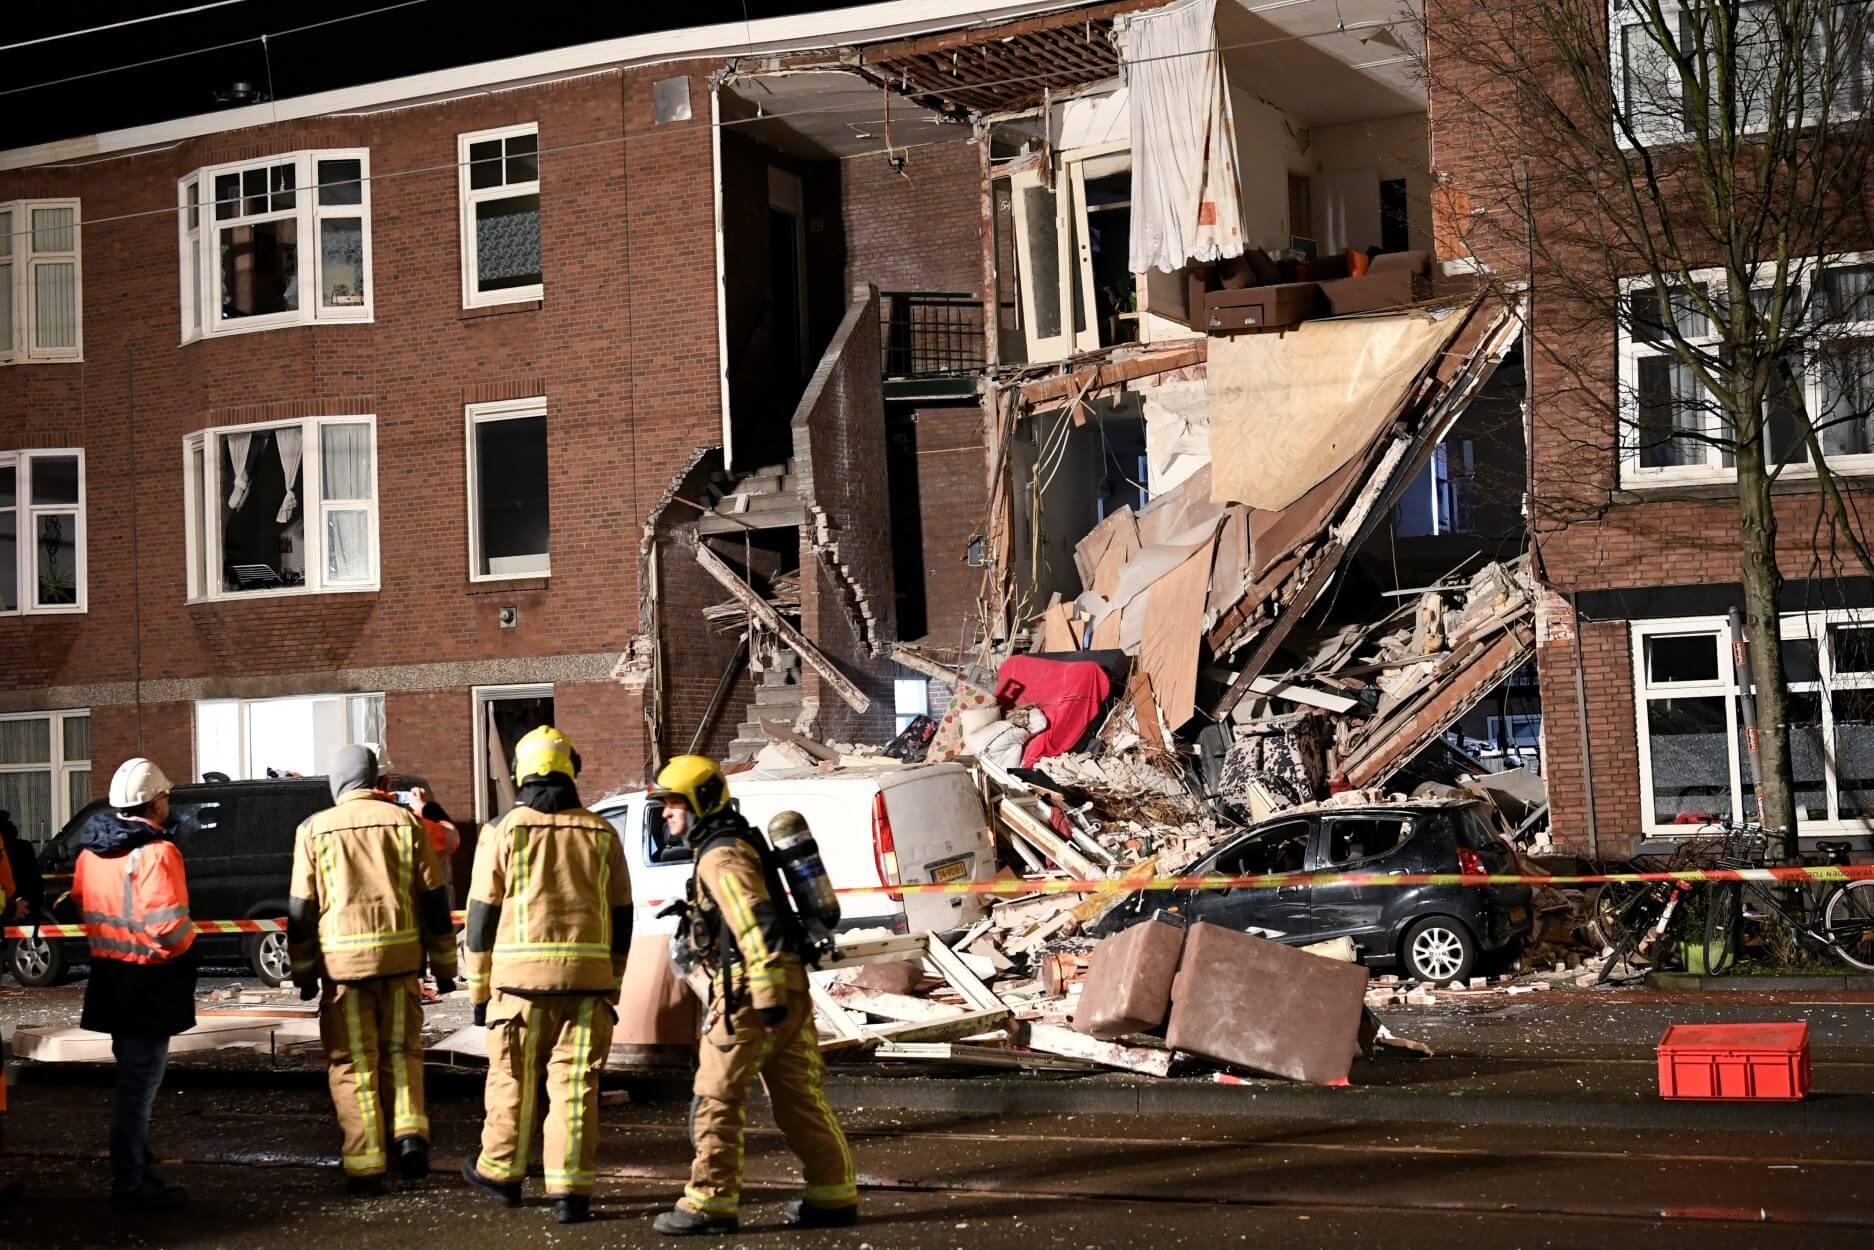 Έκρηξη στη Χάγη: 9 τραυματίες από την κατάρρευση τριώροφης πολυκατοικίας [pics, video]